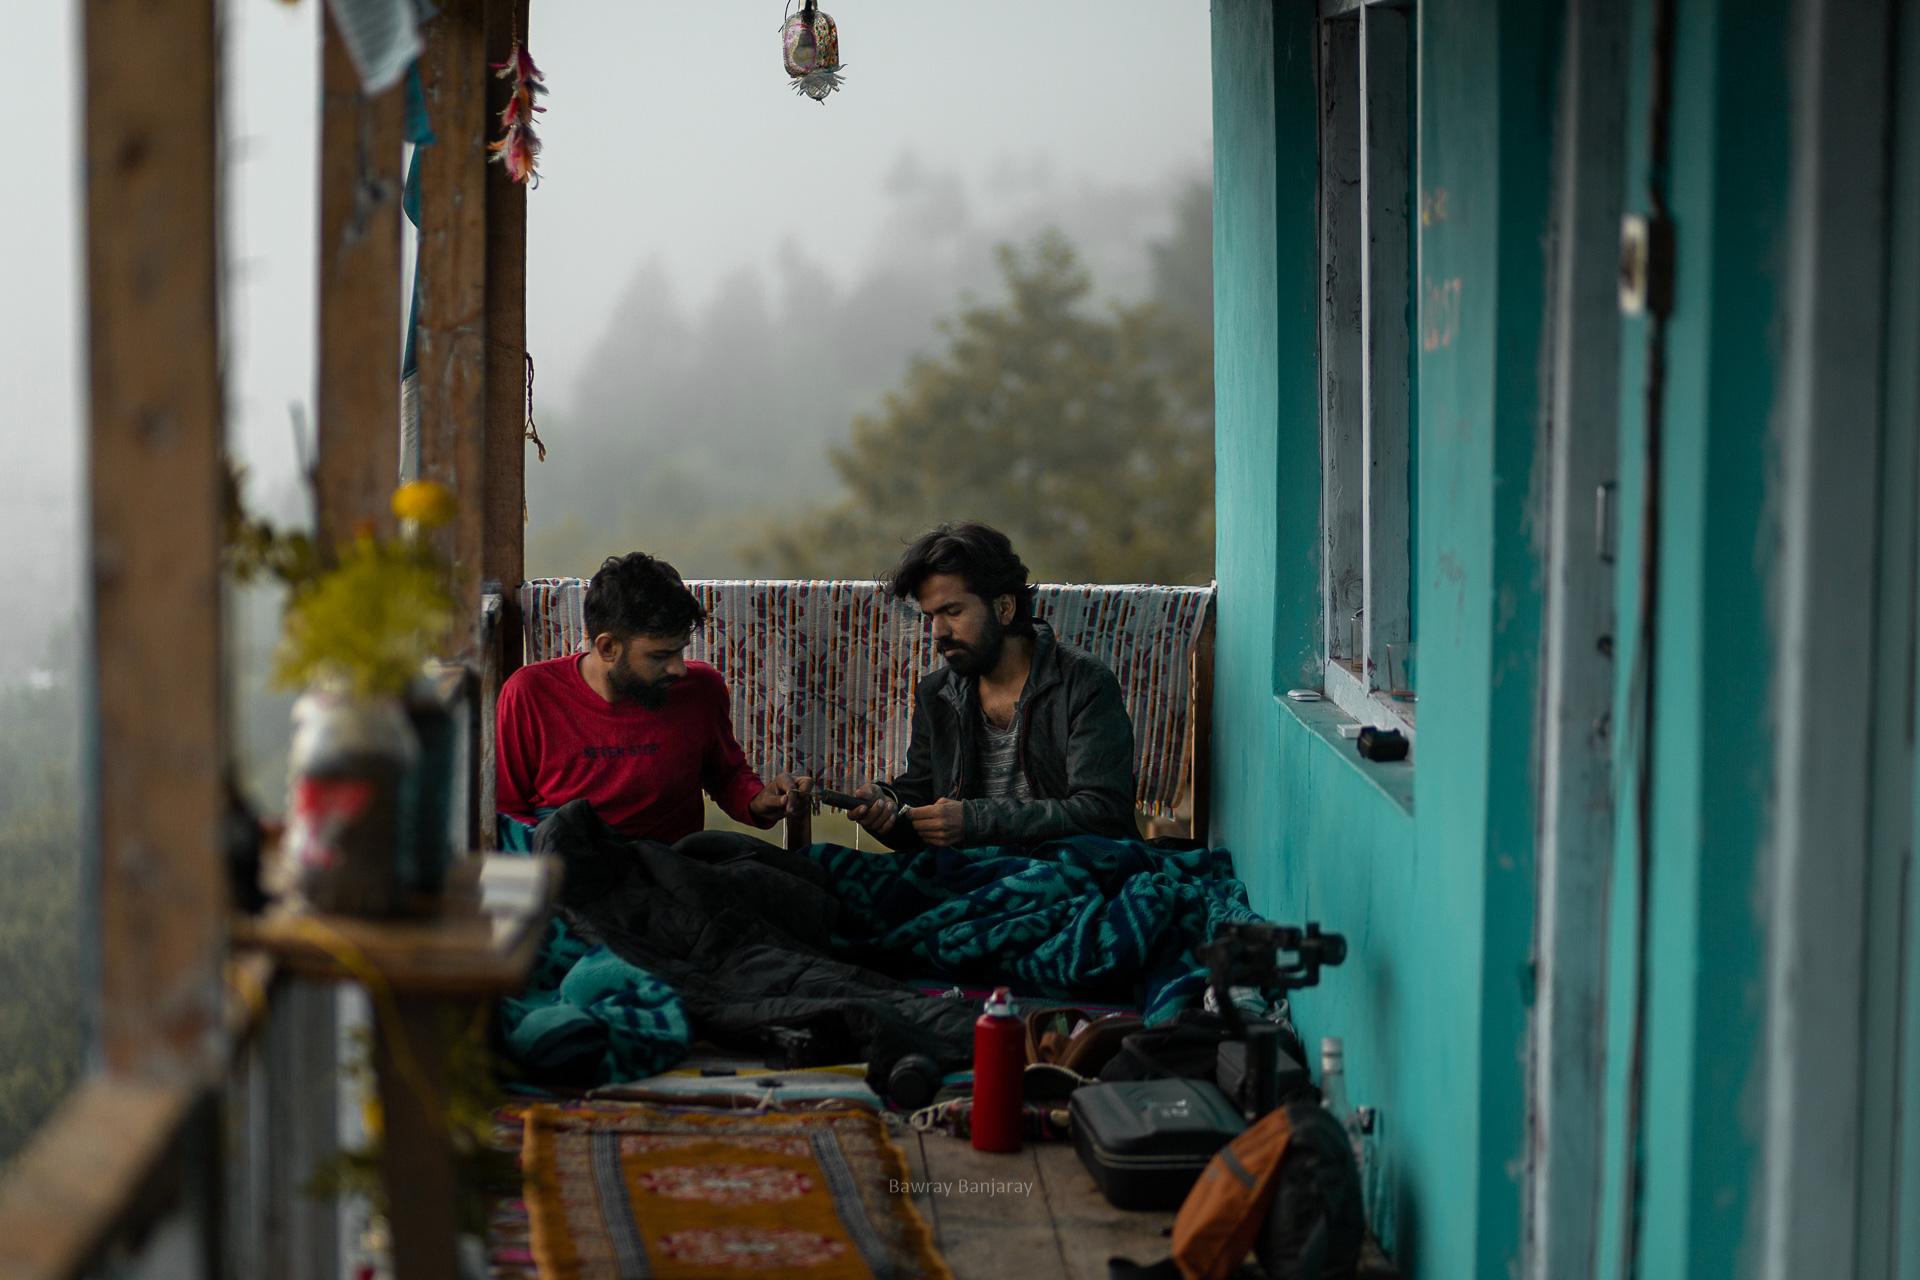 balcony of bawray banjaray home vashisht